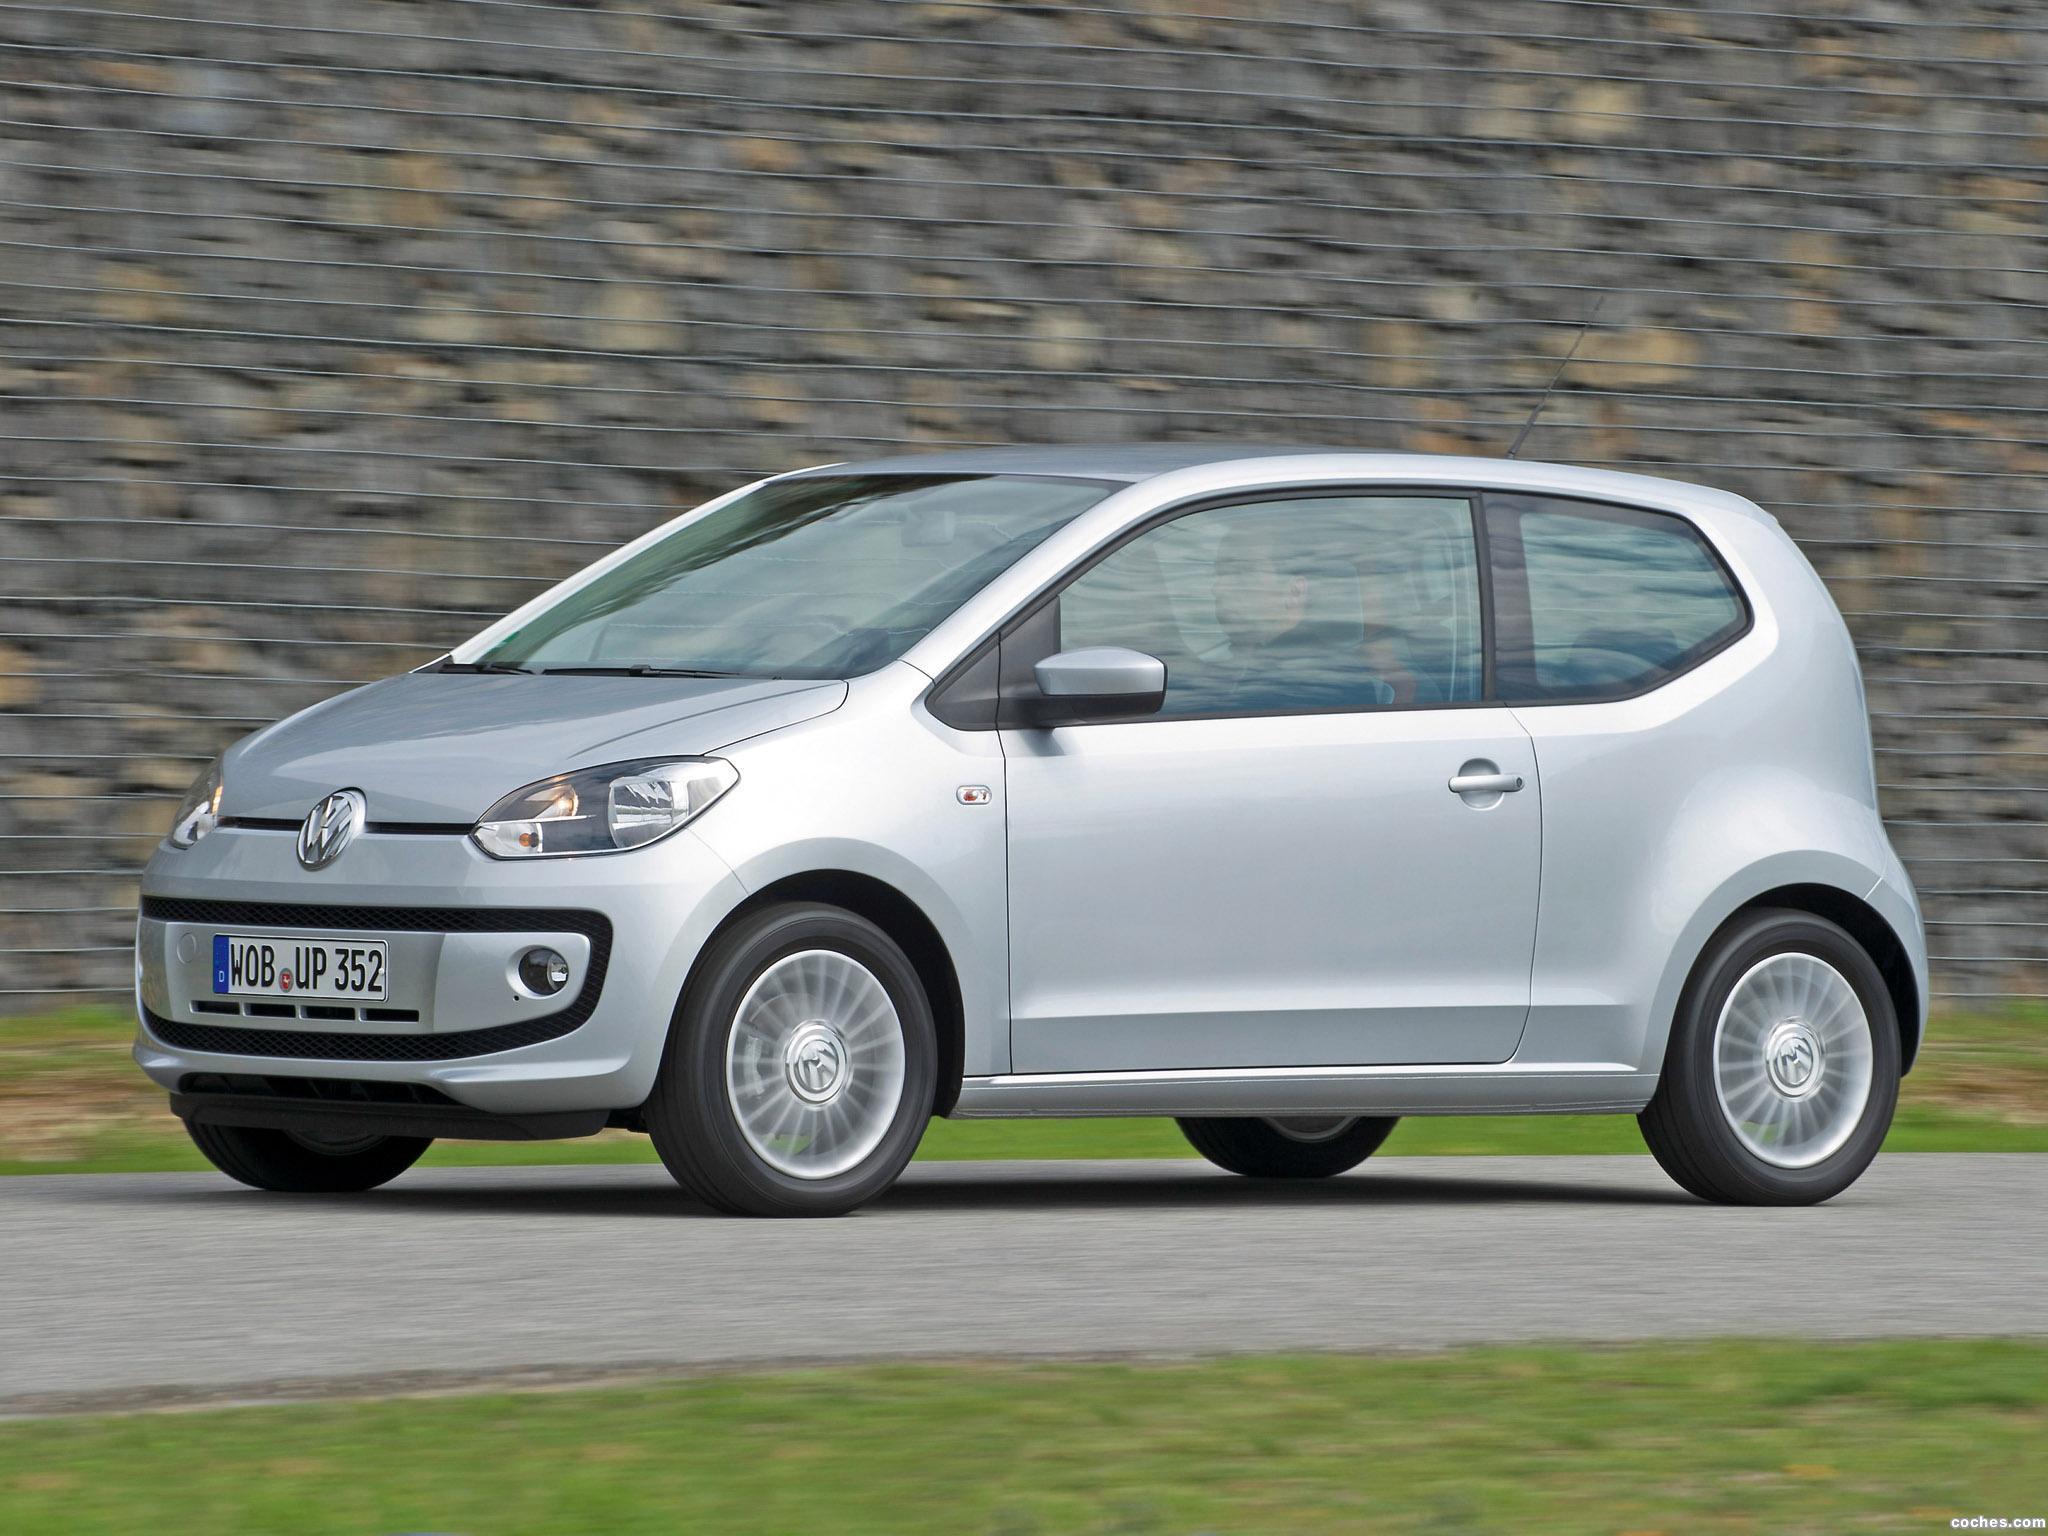 Foto 12 de Volkswagen Up! 3 puertas 2011